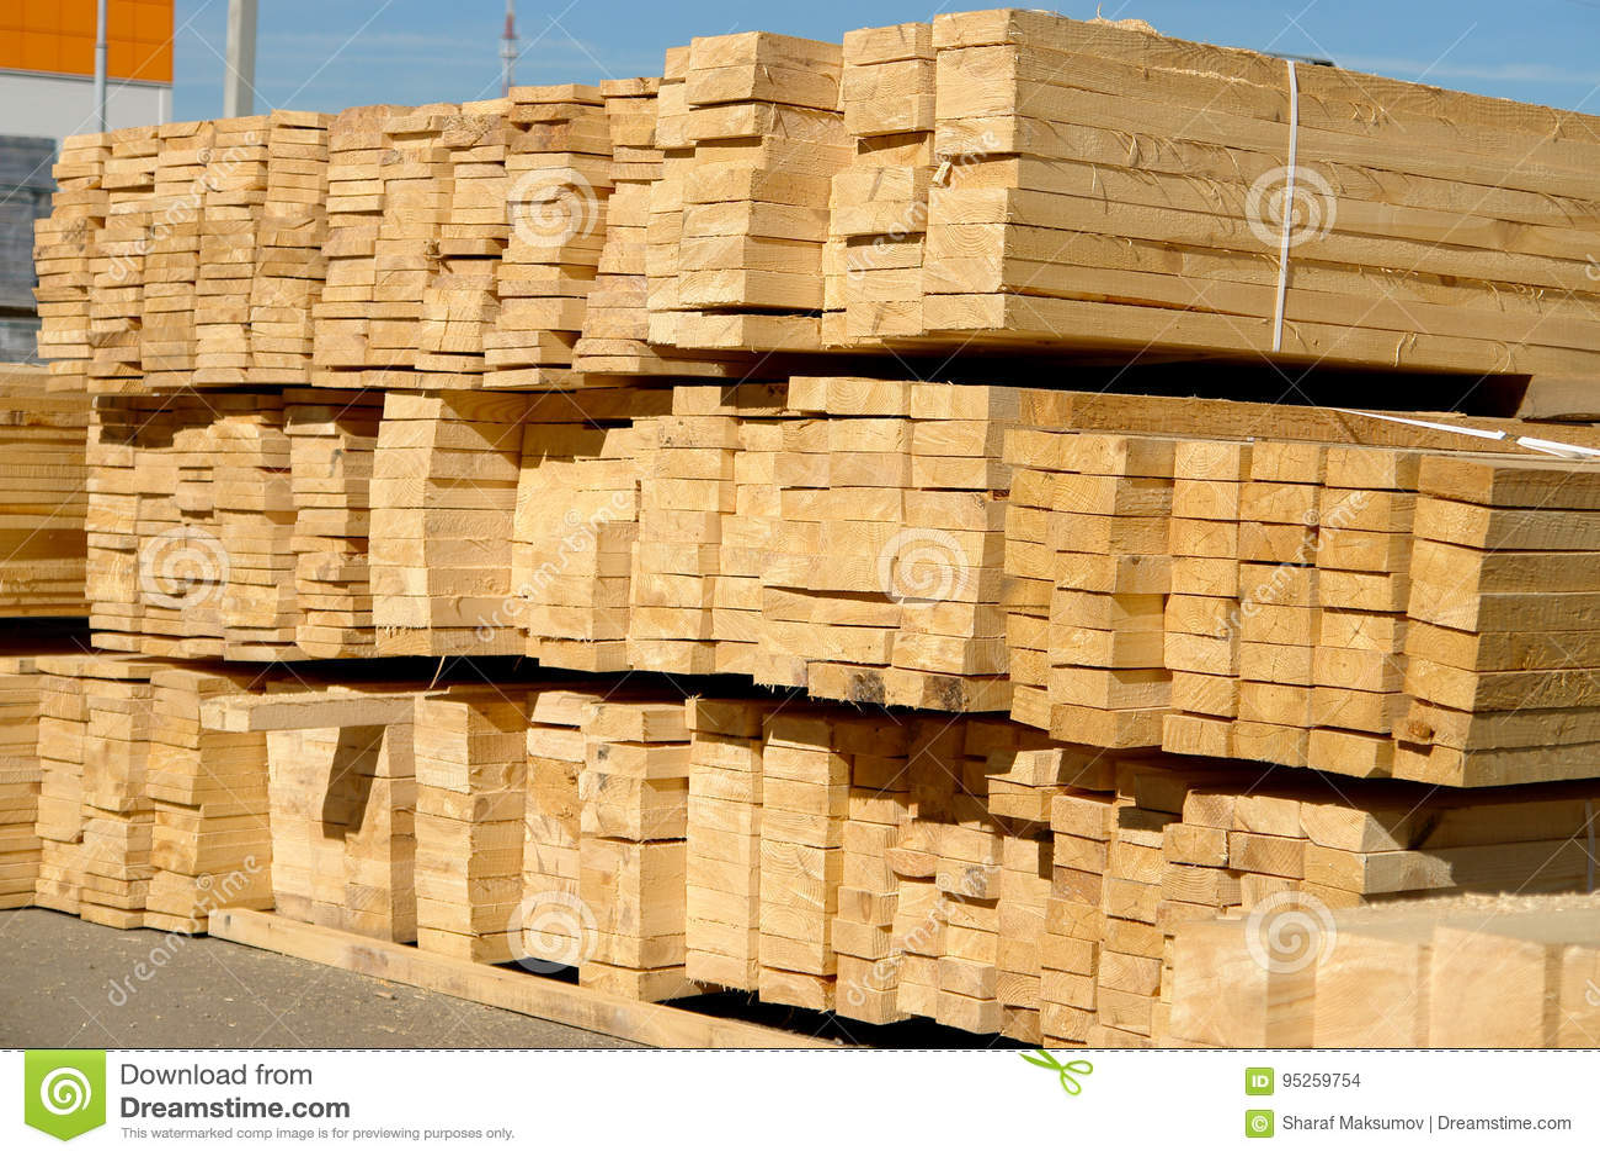 Houten planken op houtwerf, pakhuis of zaagmolen